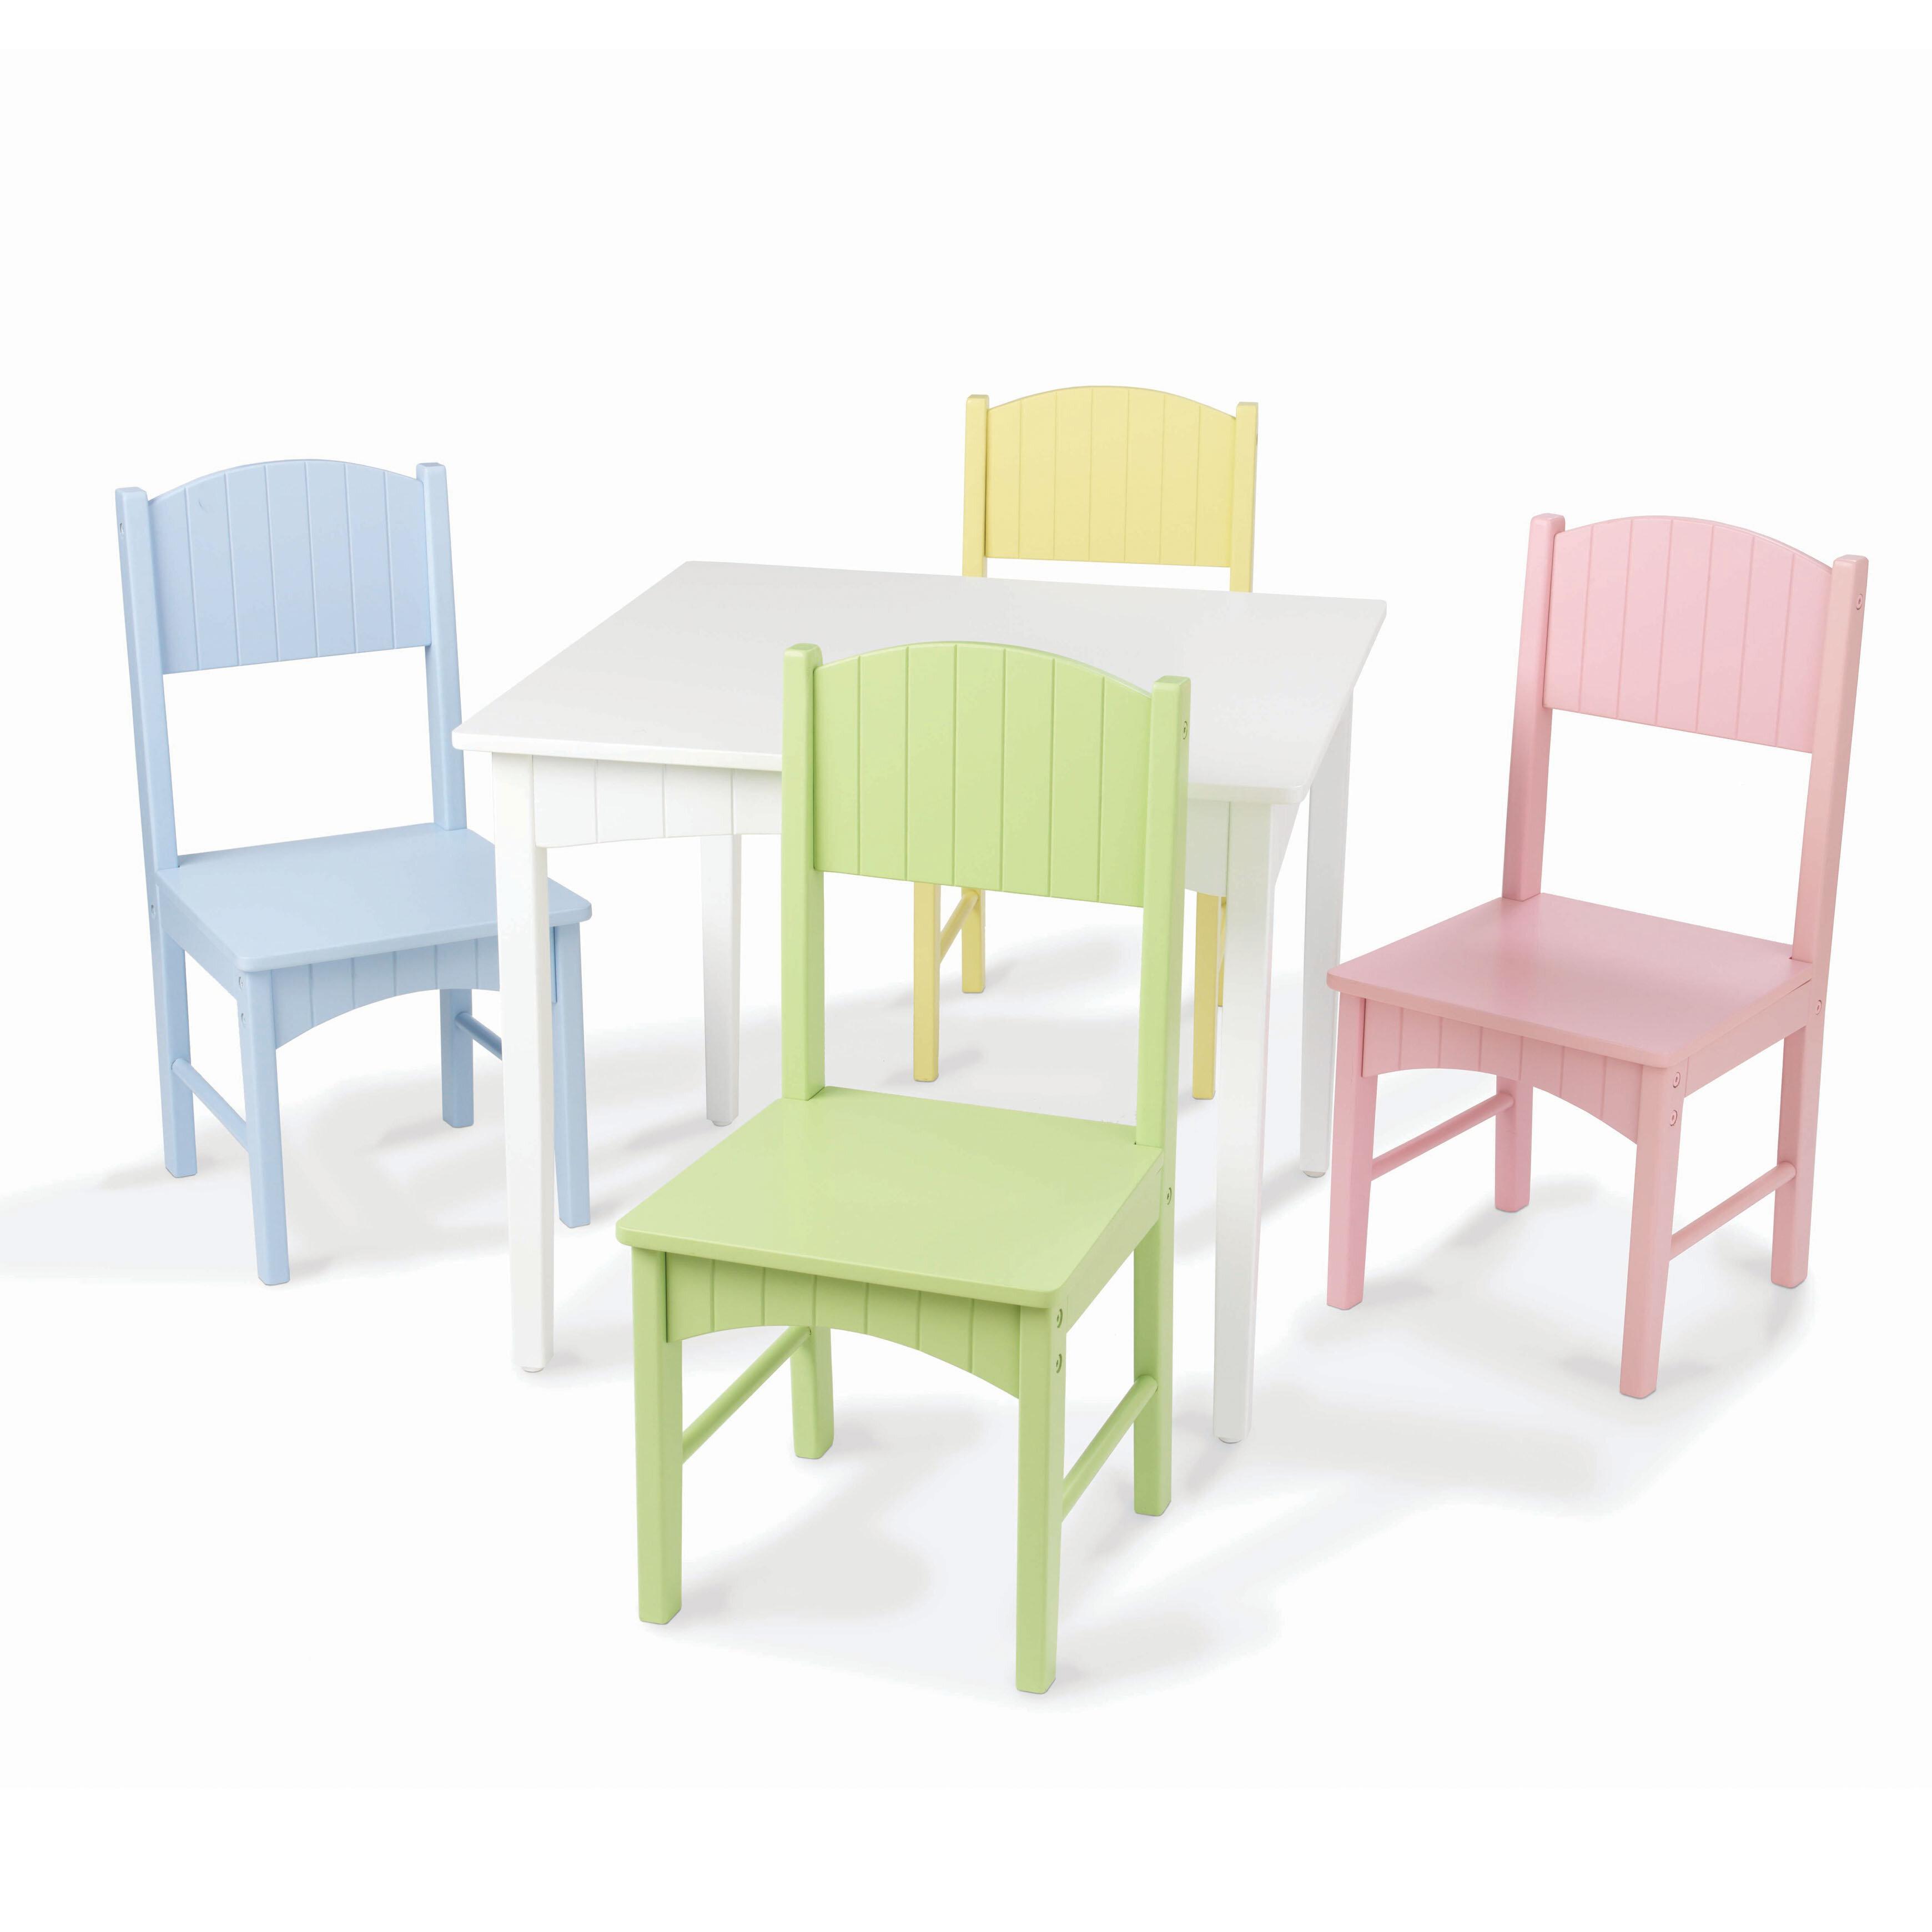 KidKraft Nantucket Kids 5 Piece Table & Chair Set & Reviews   Wayfair